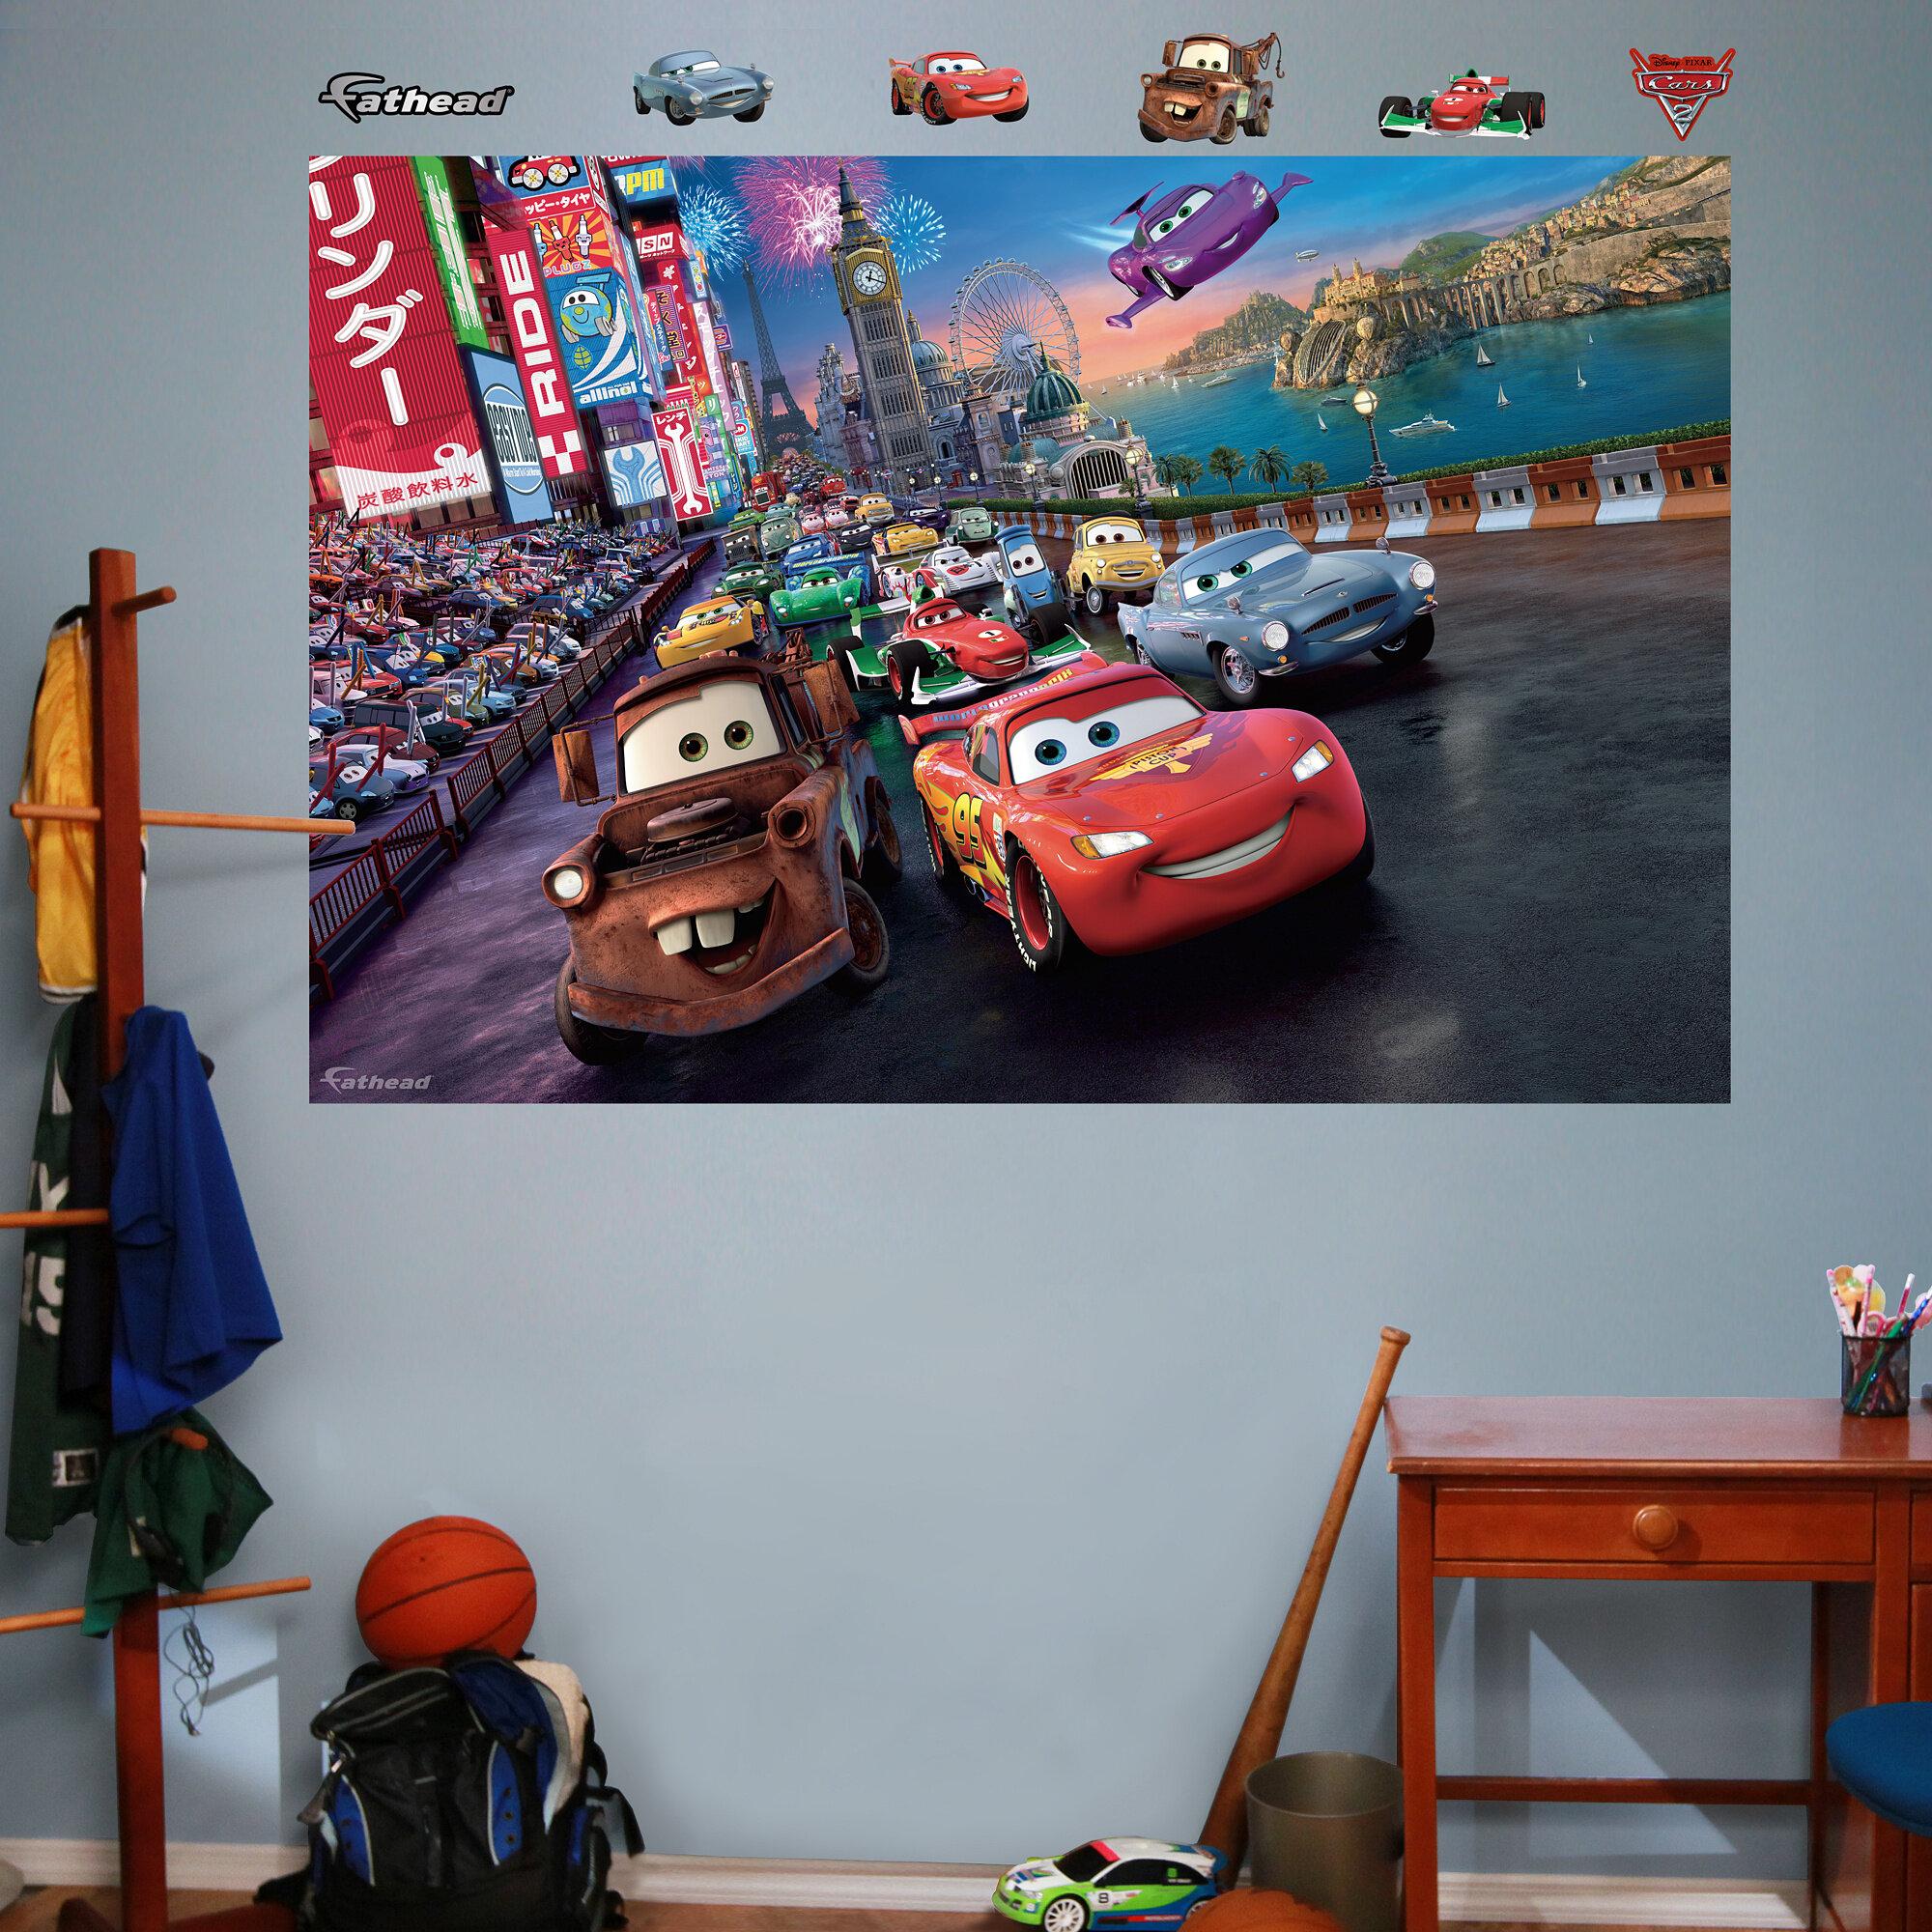 Fathead Disney Cars 2 Parade Wall Decal Wayfair